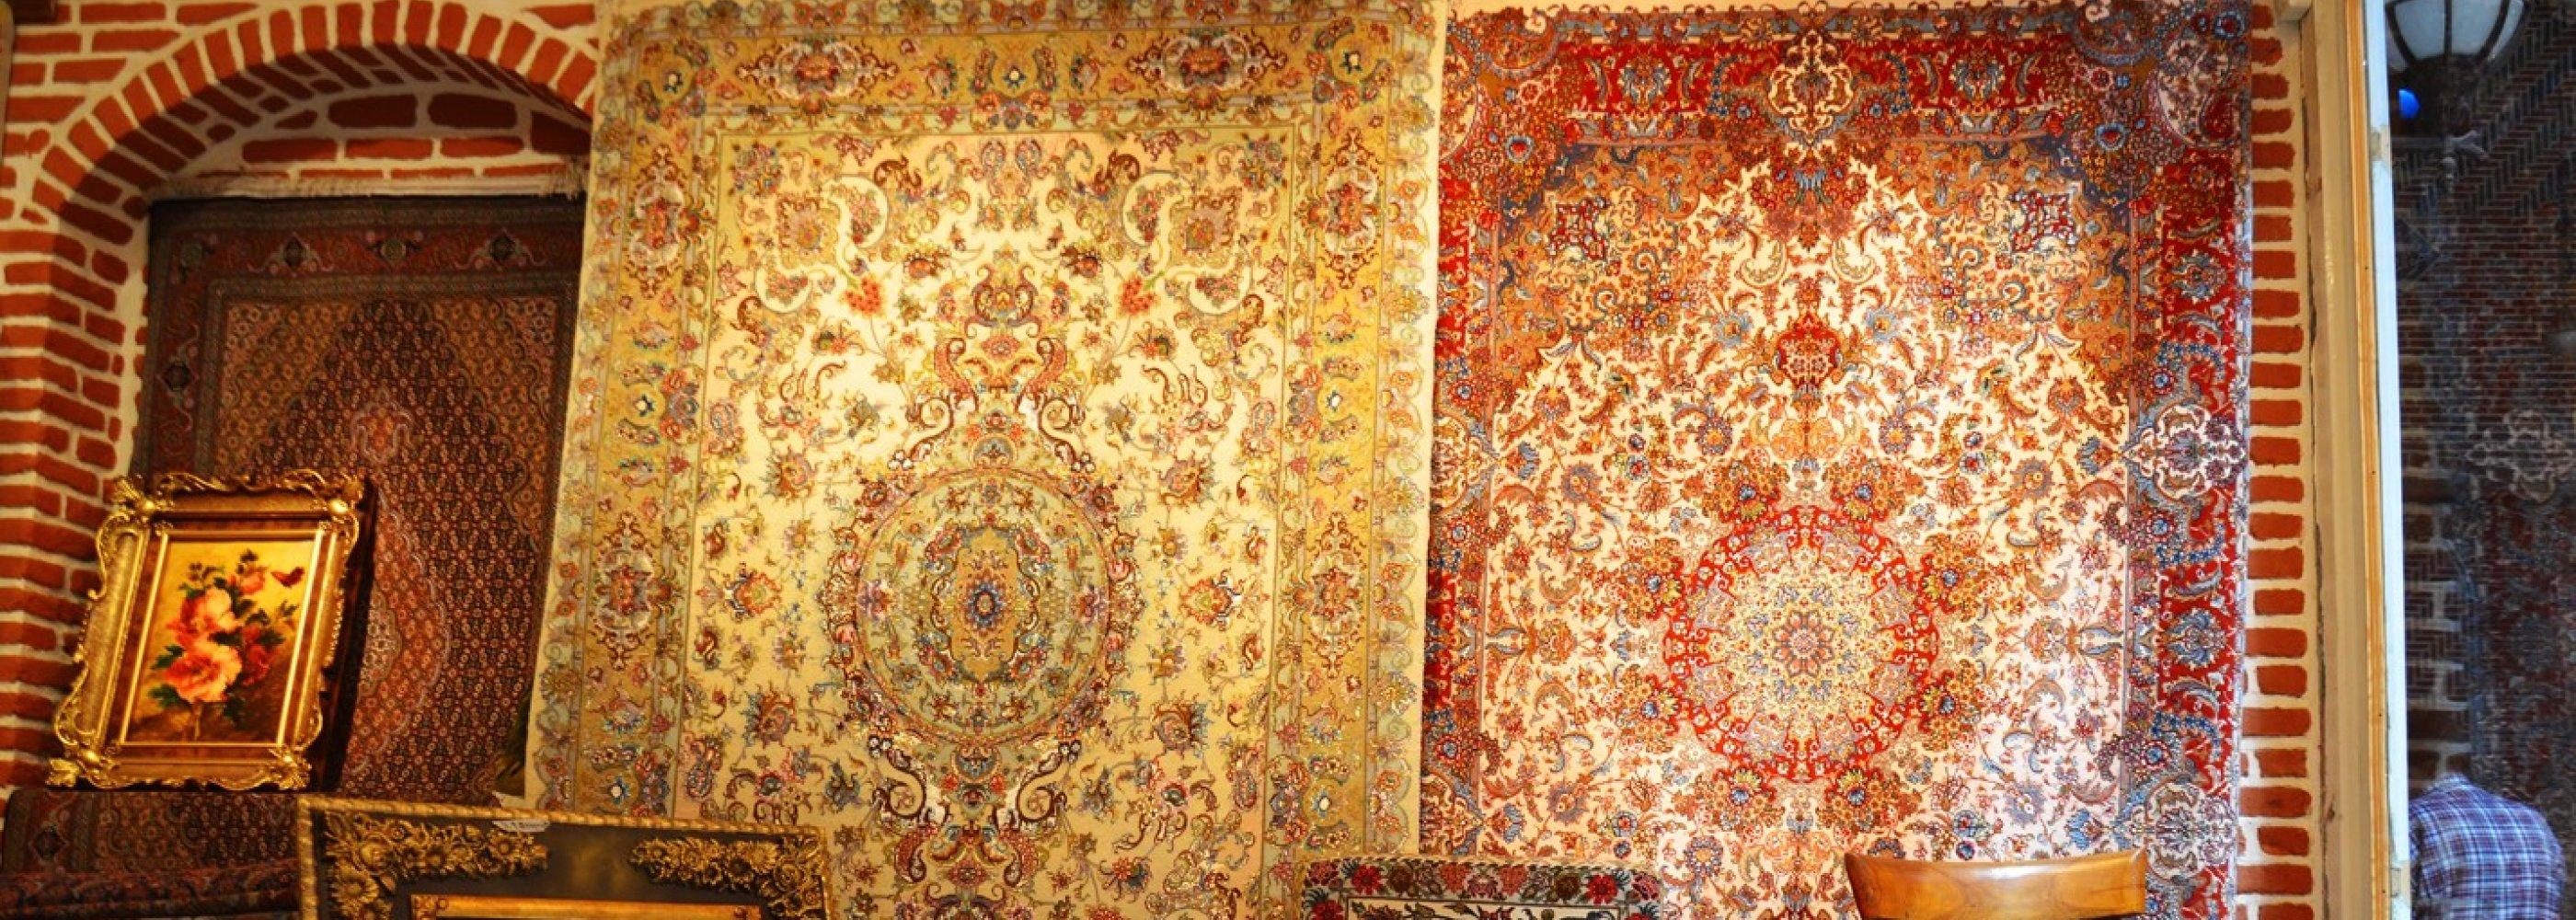 فرش ایرانی، بازار تبریز